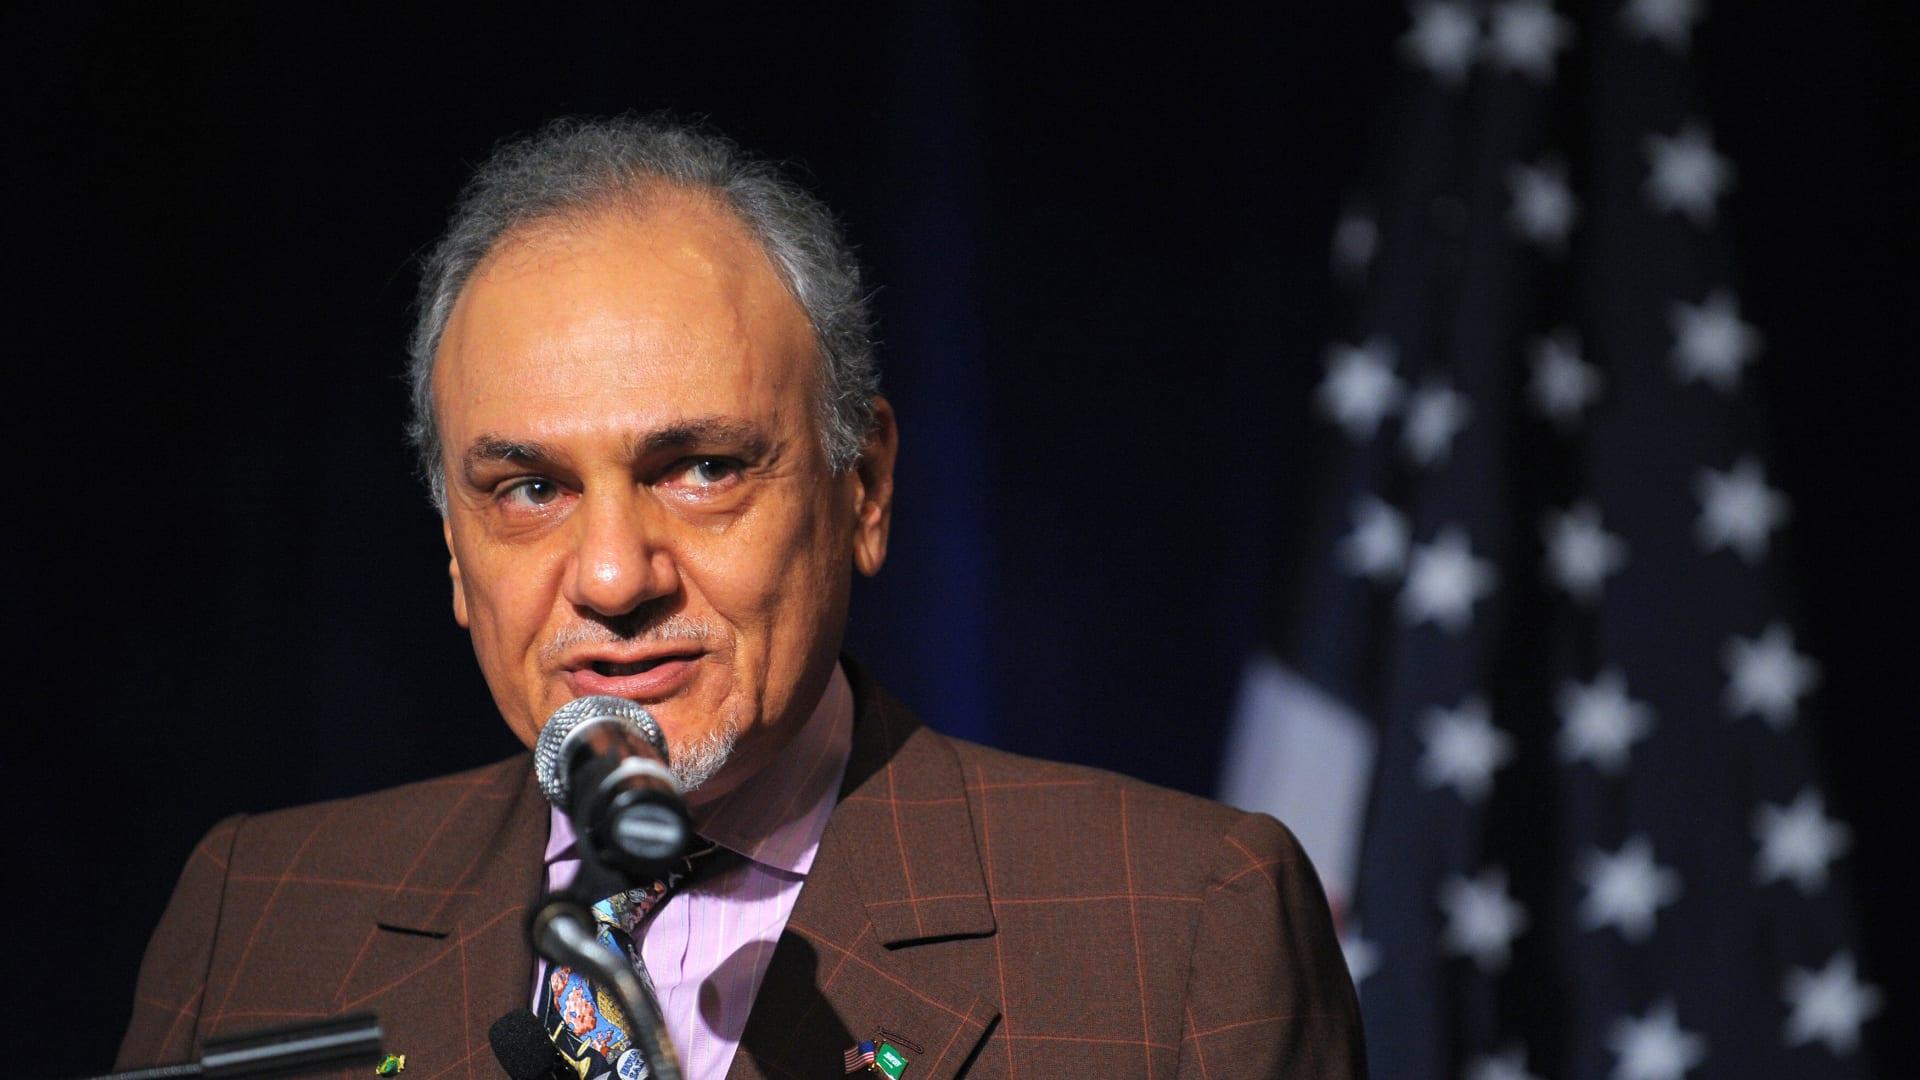 رئيس استخبارات السعودية الأسبق يوضح سبب رفض عرض رئيس السودان السابق عمر البشير تسليم أسامة بن لادن